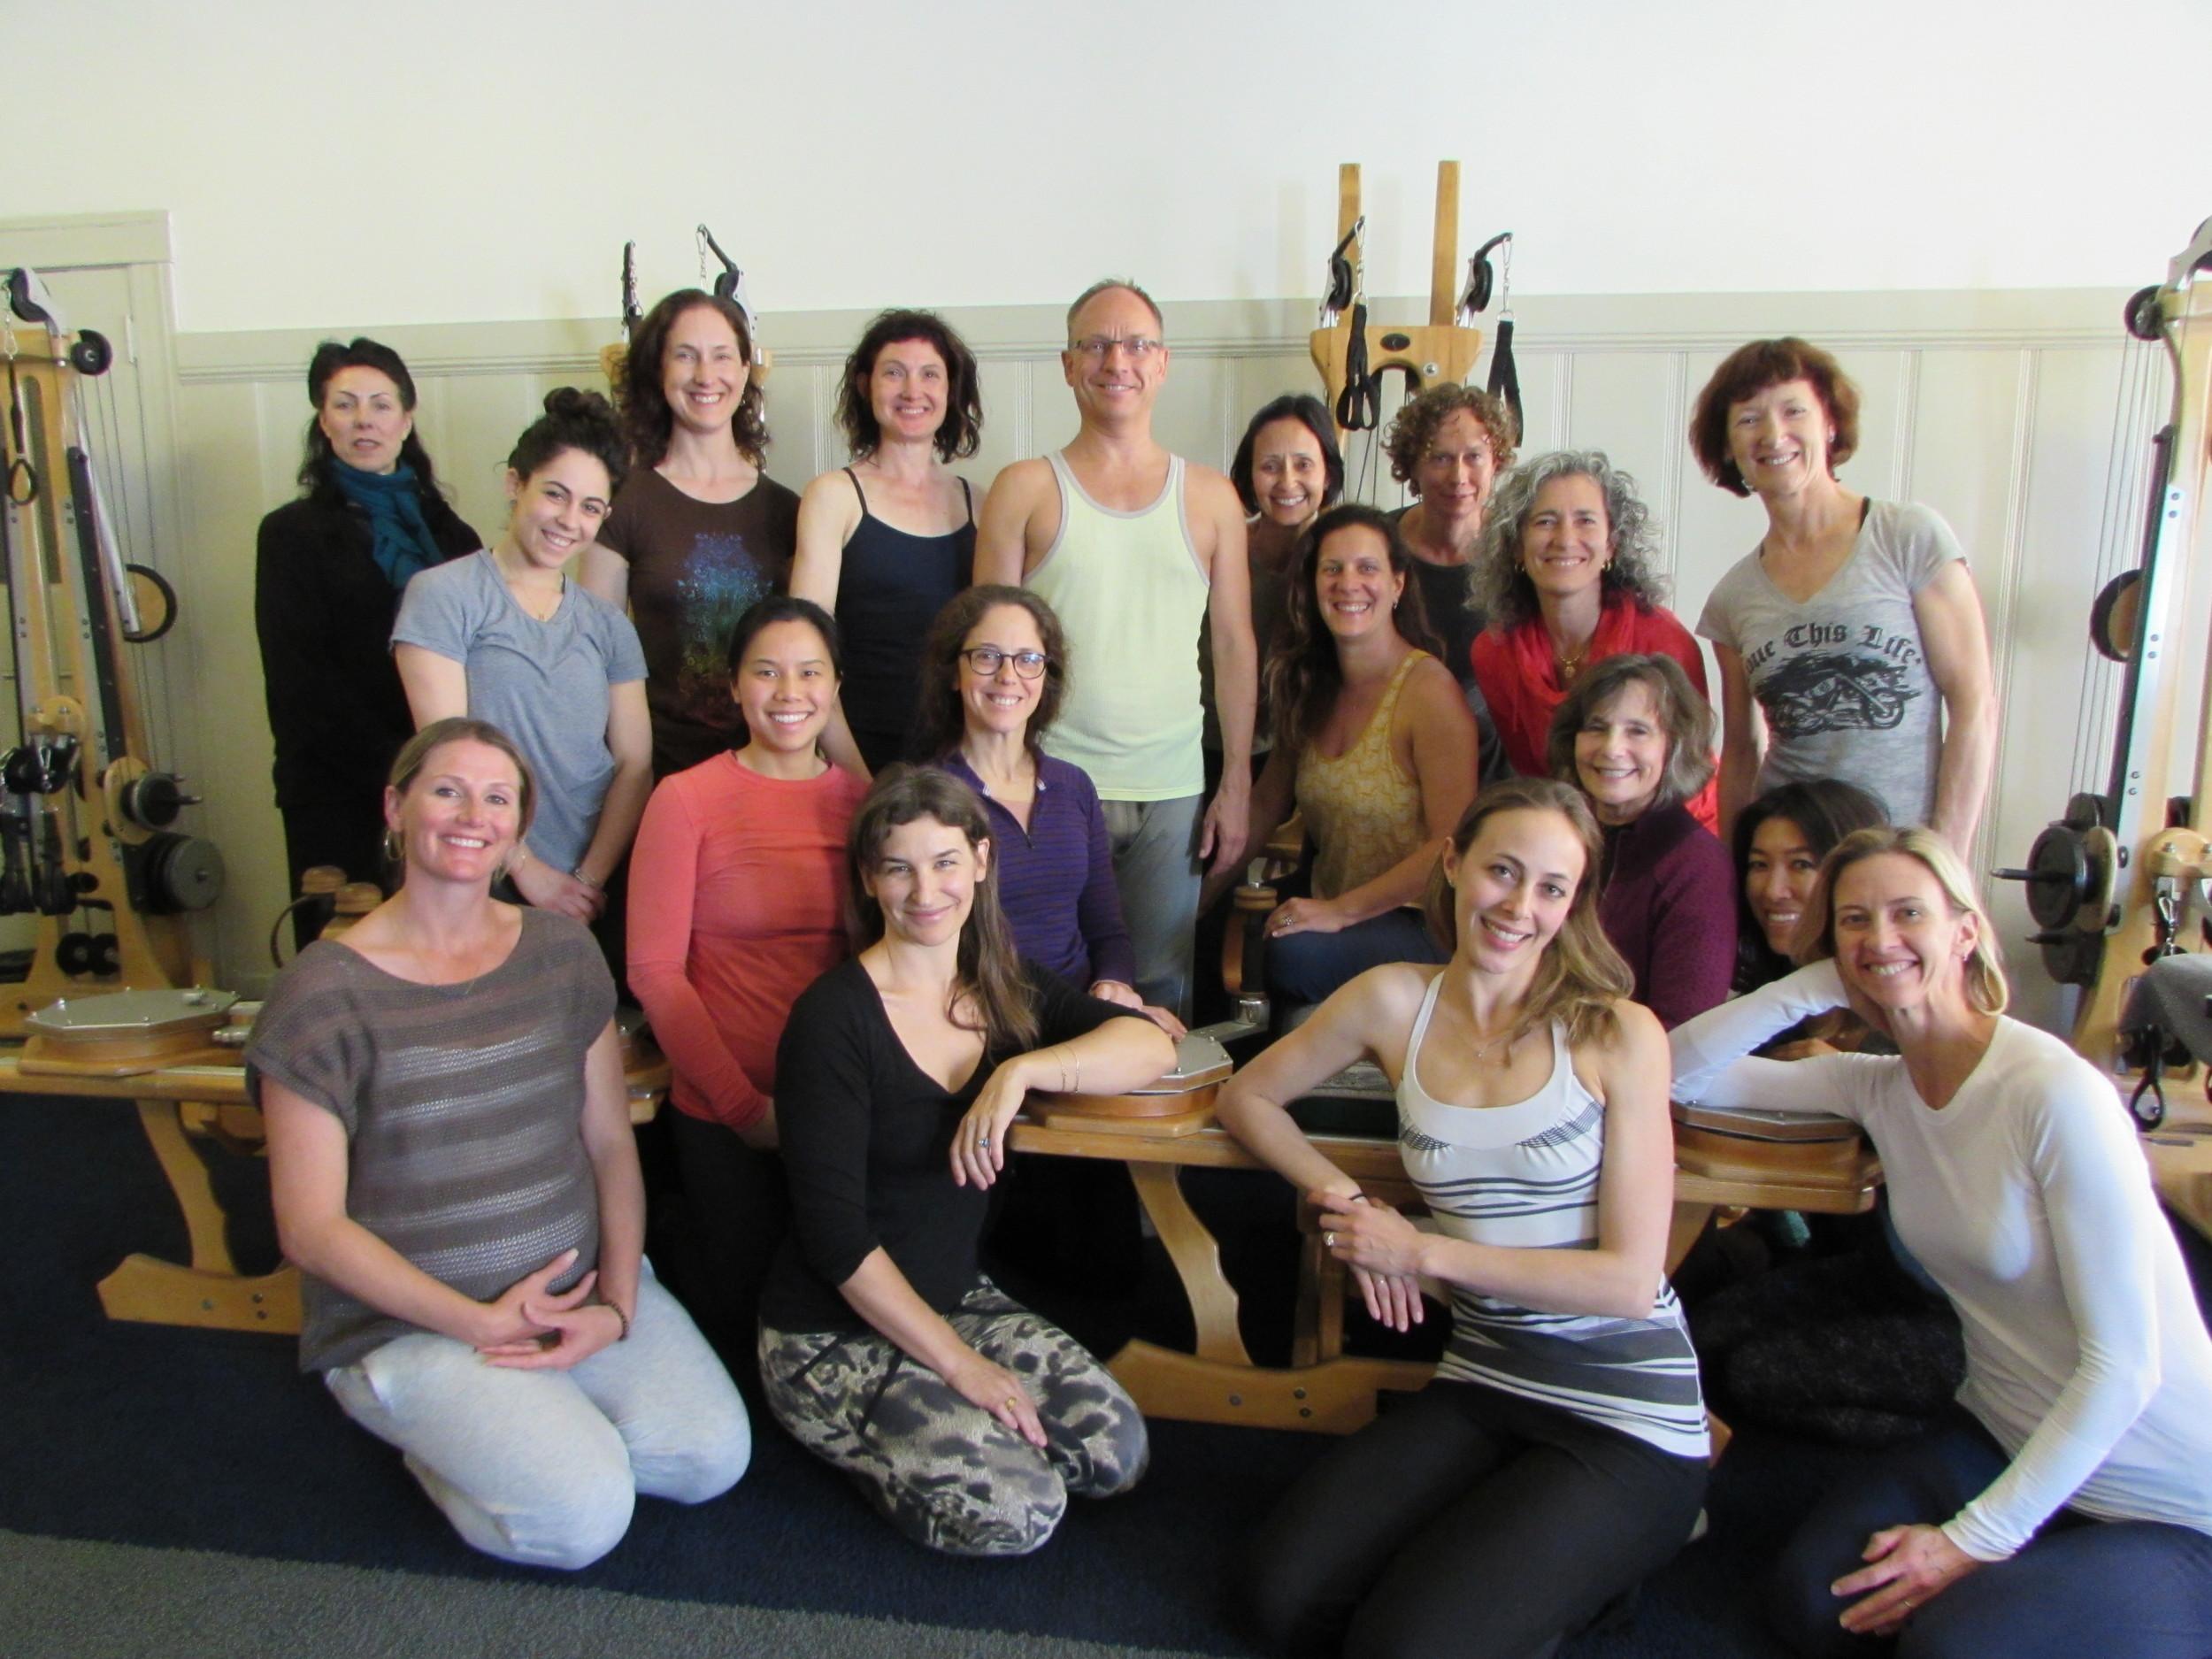 Juergen's Psoas course group